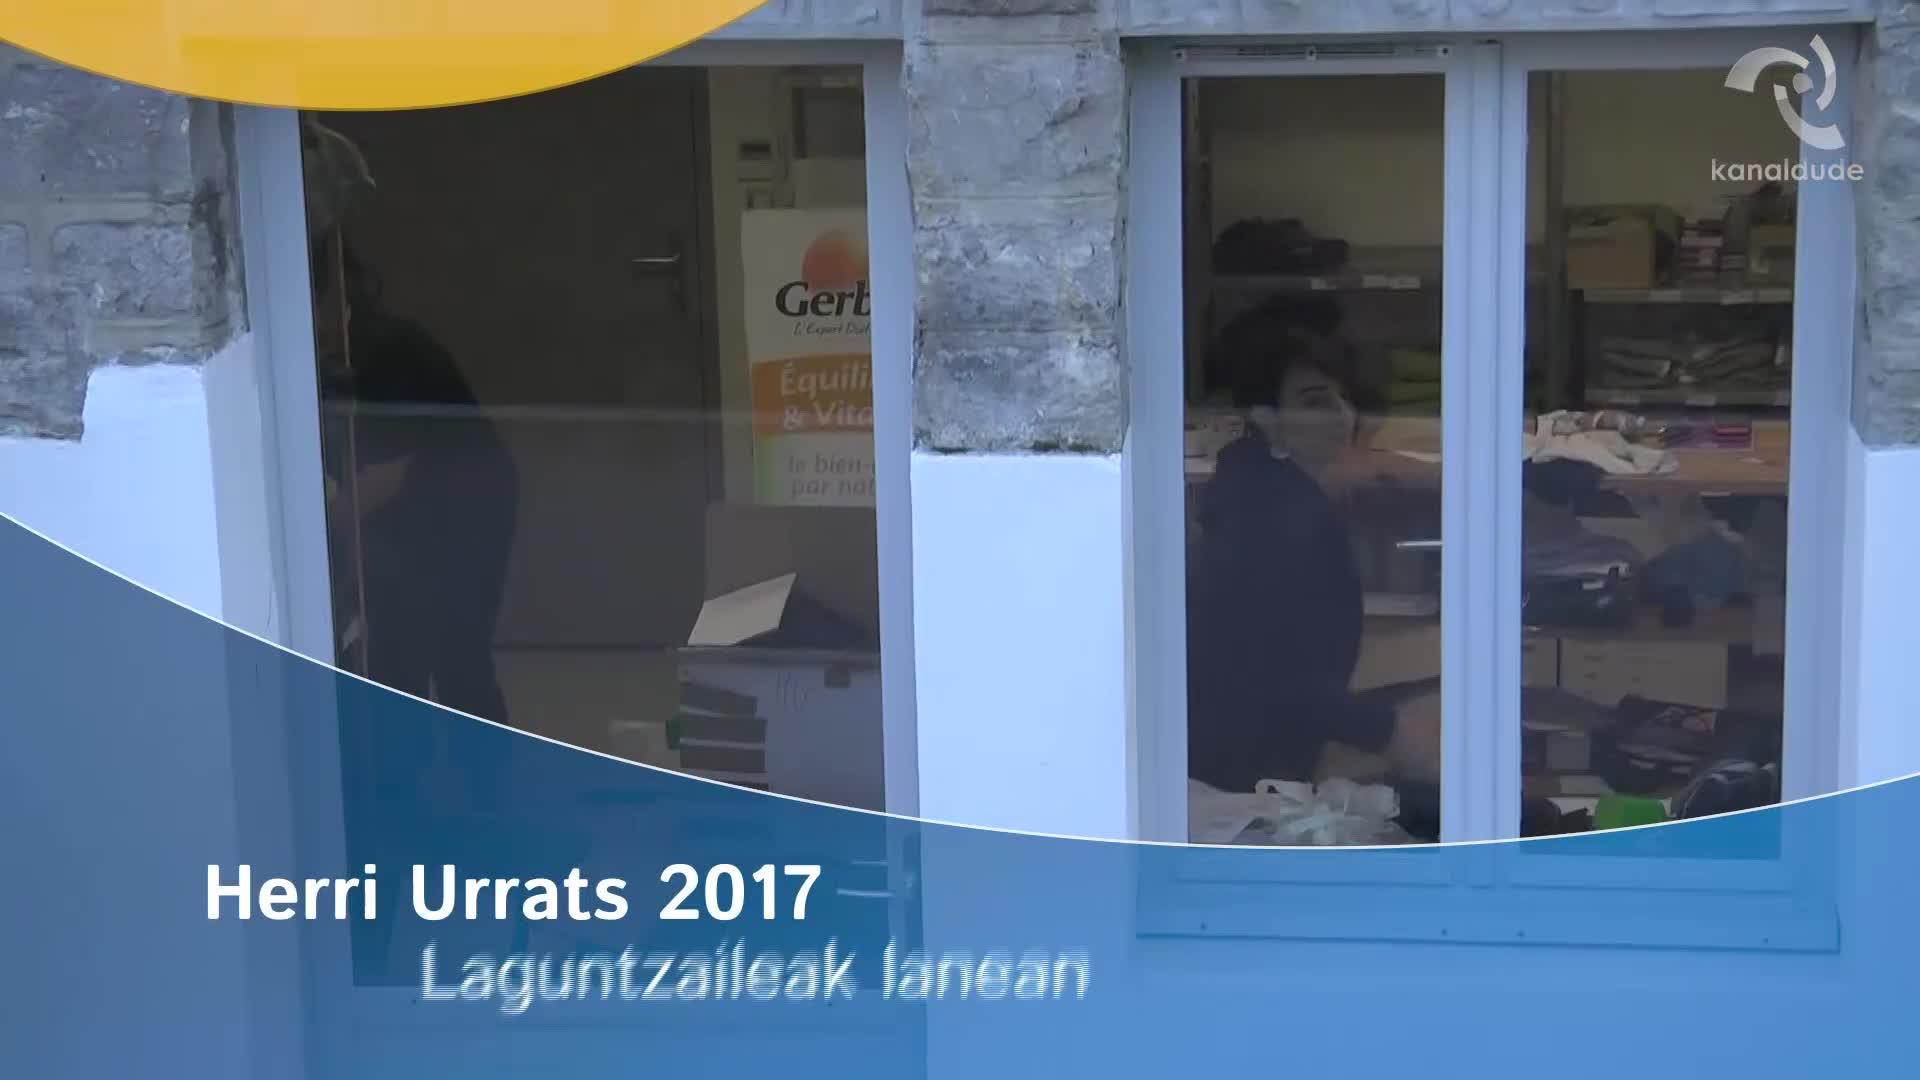 Herri Urrats 2017: laguntzaileak lanean